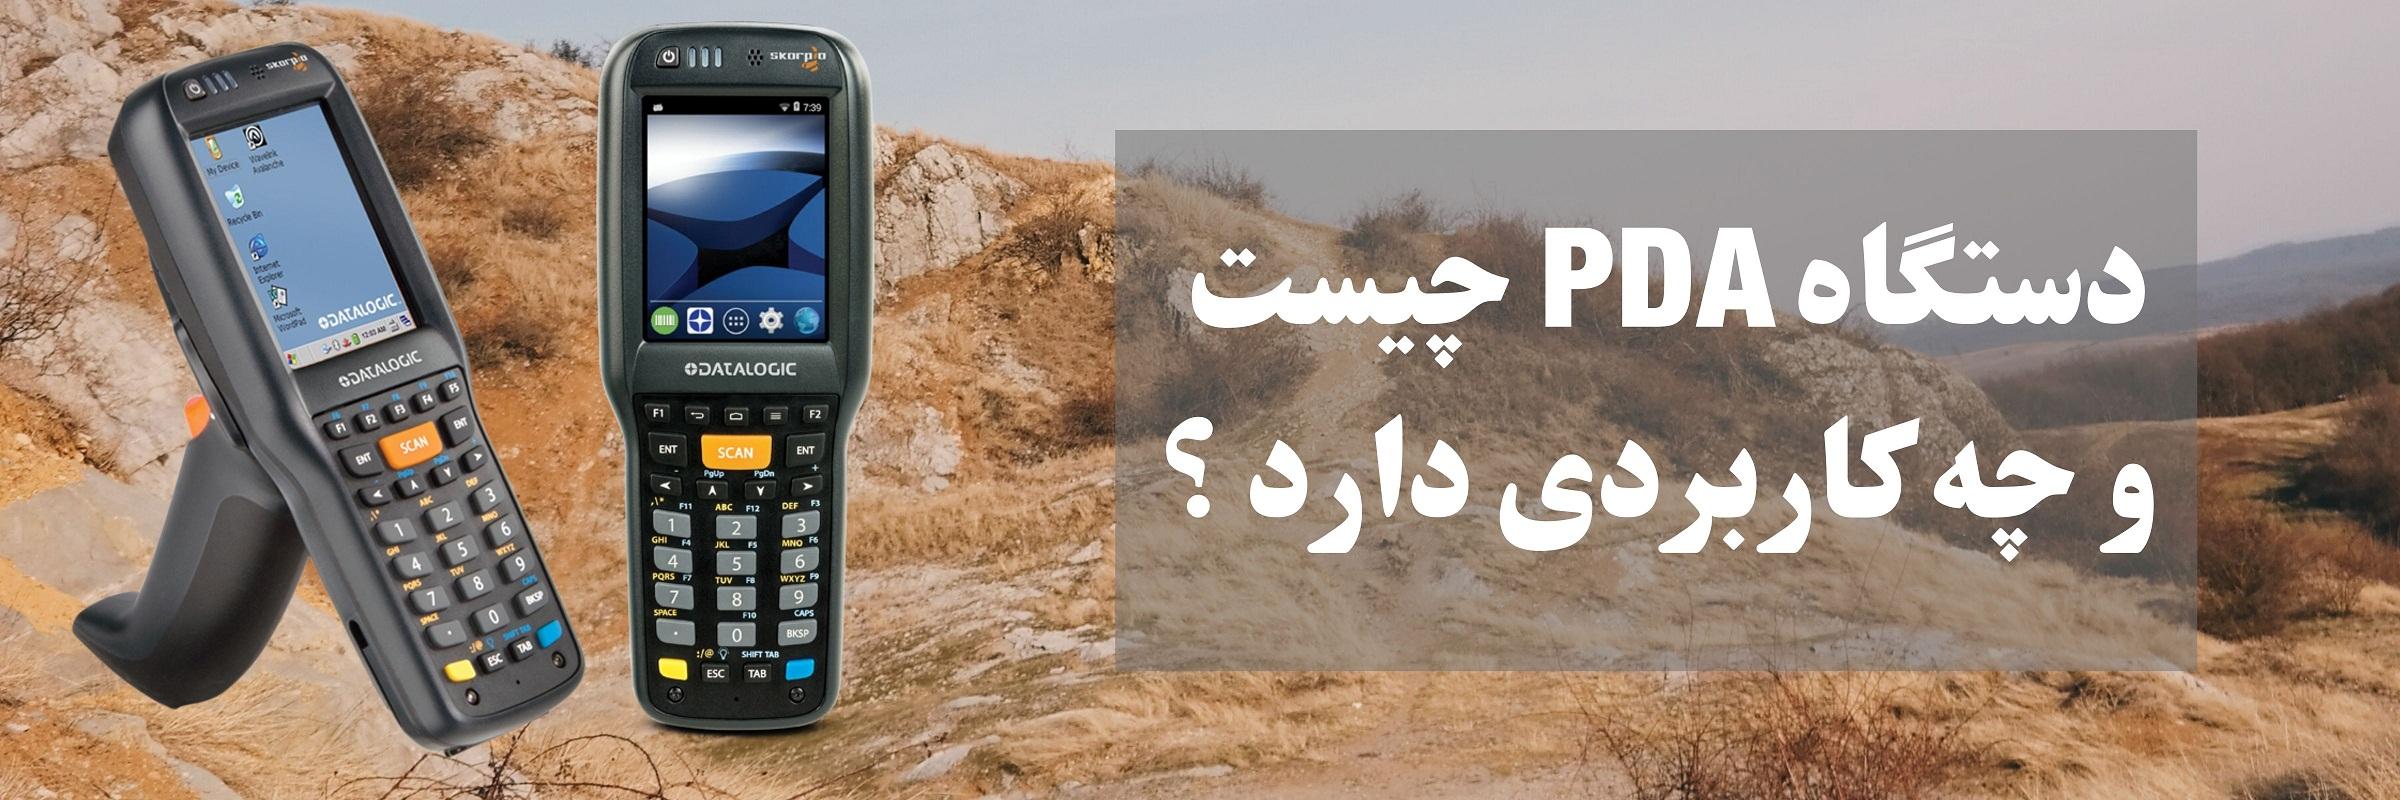 PDA چیست و چه کاربردی دارد ؟